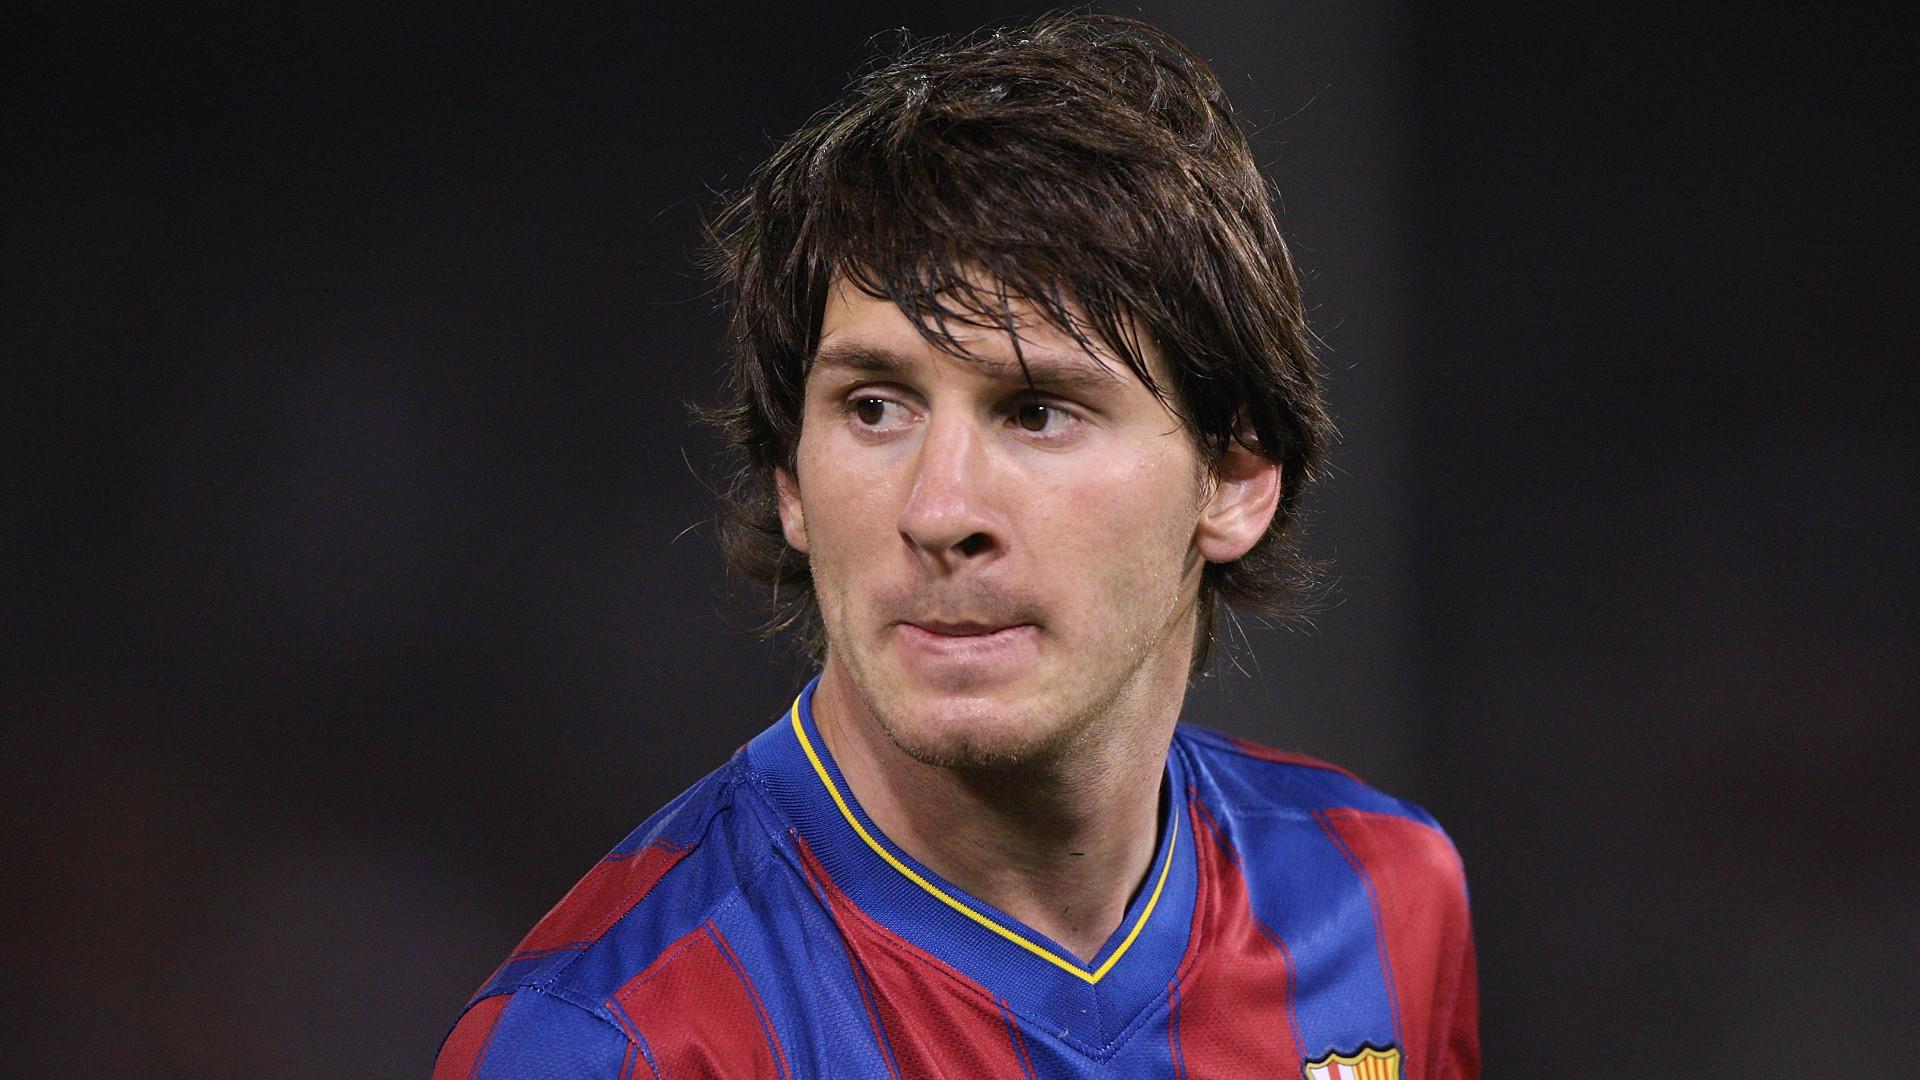 H&S -  2009 Gaya Rambut Lionel Messi